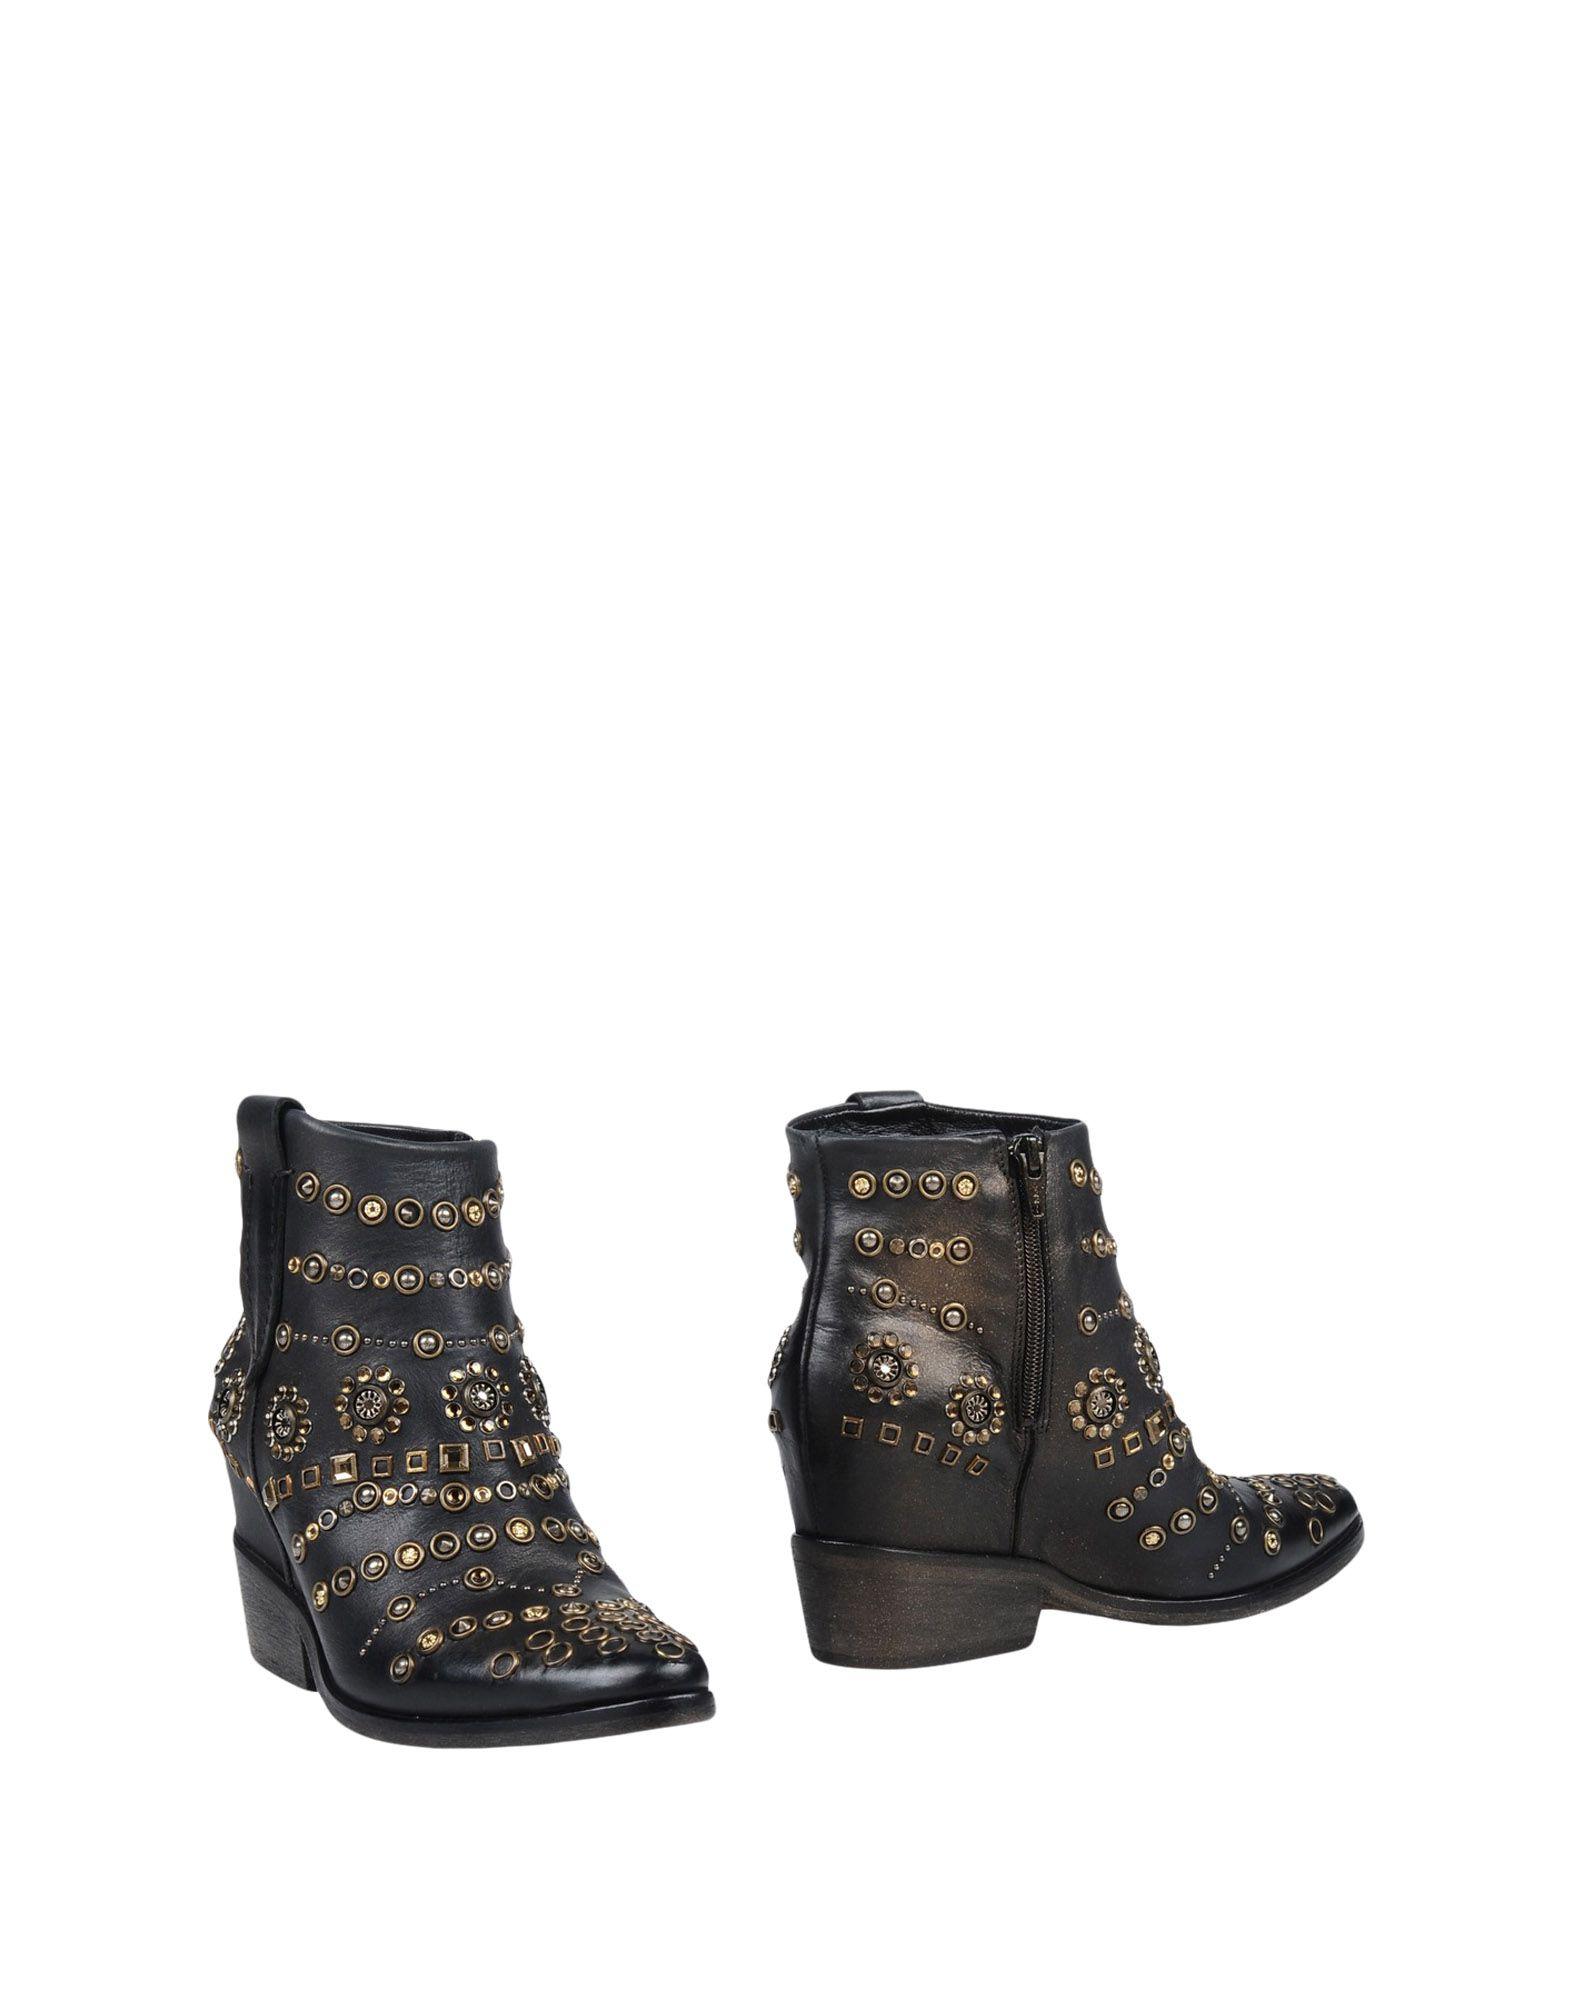 Garrice Stiefelette Damen  11420320NP Gute Qualität beliebte Schuhe